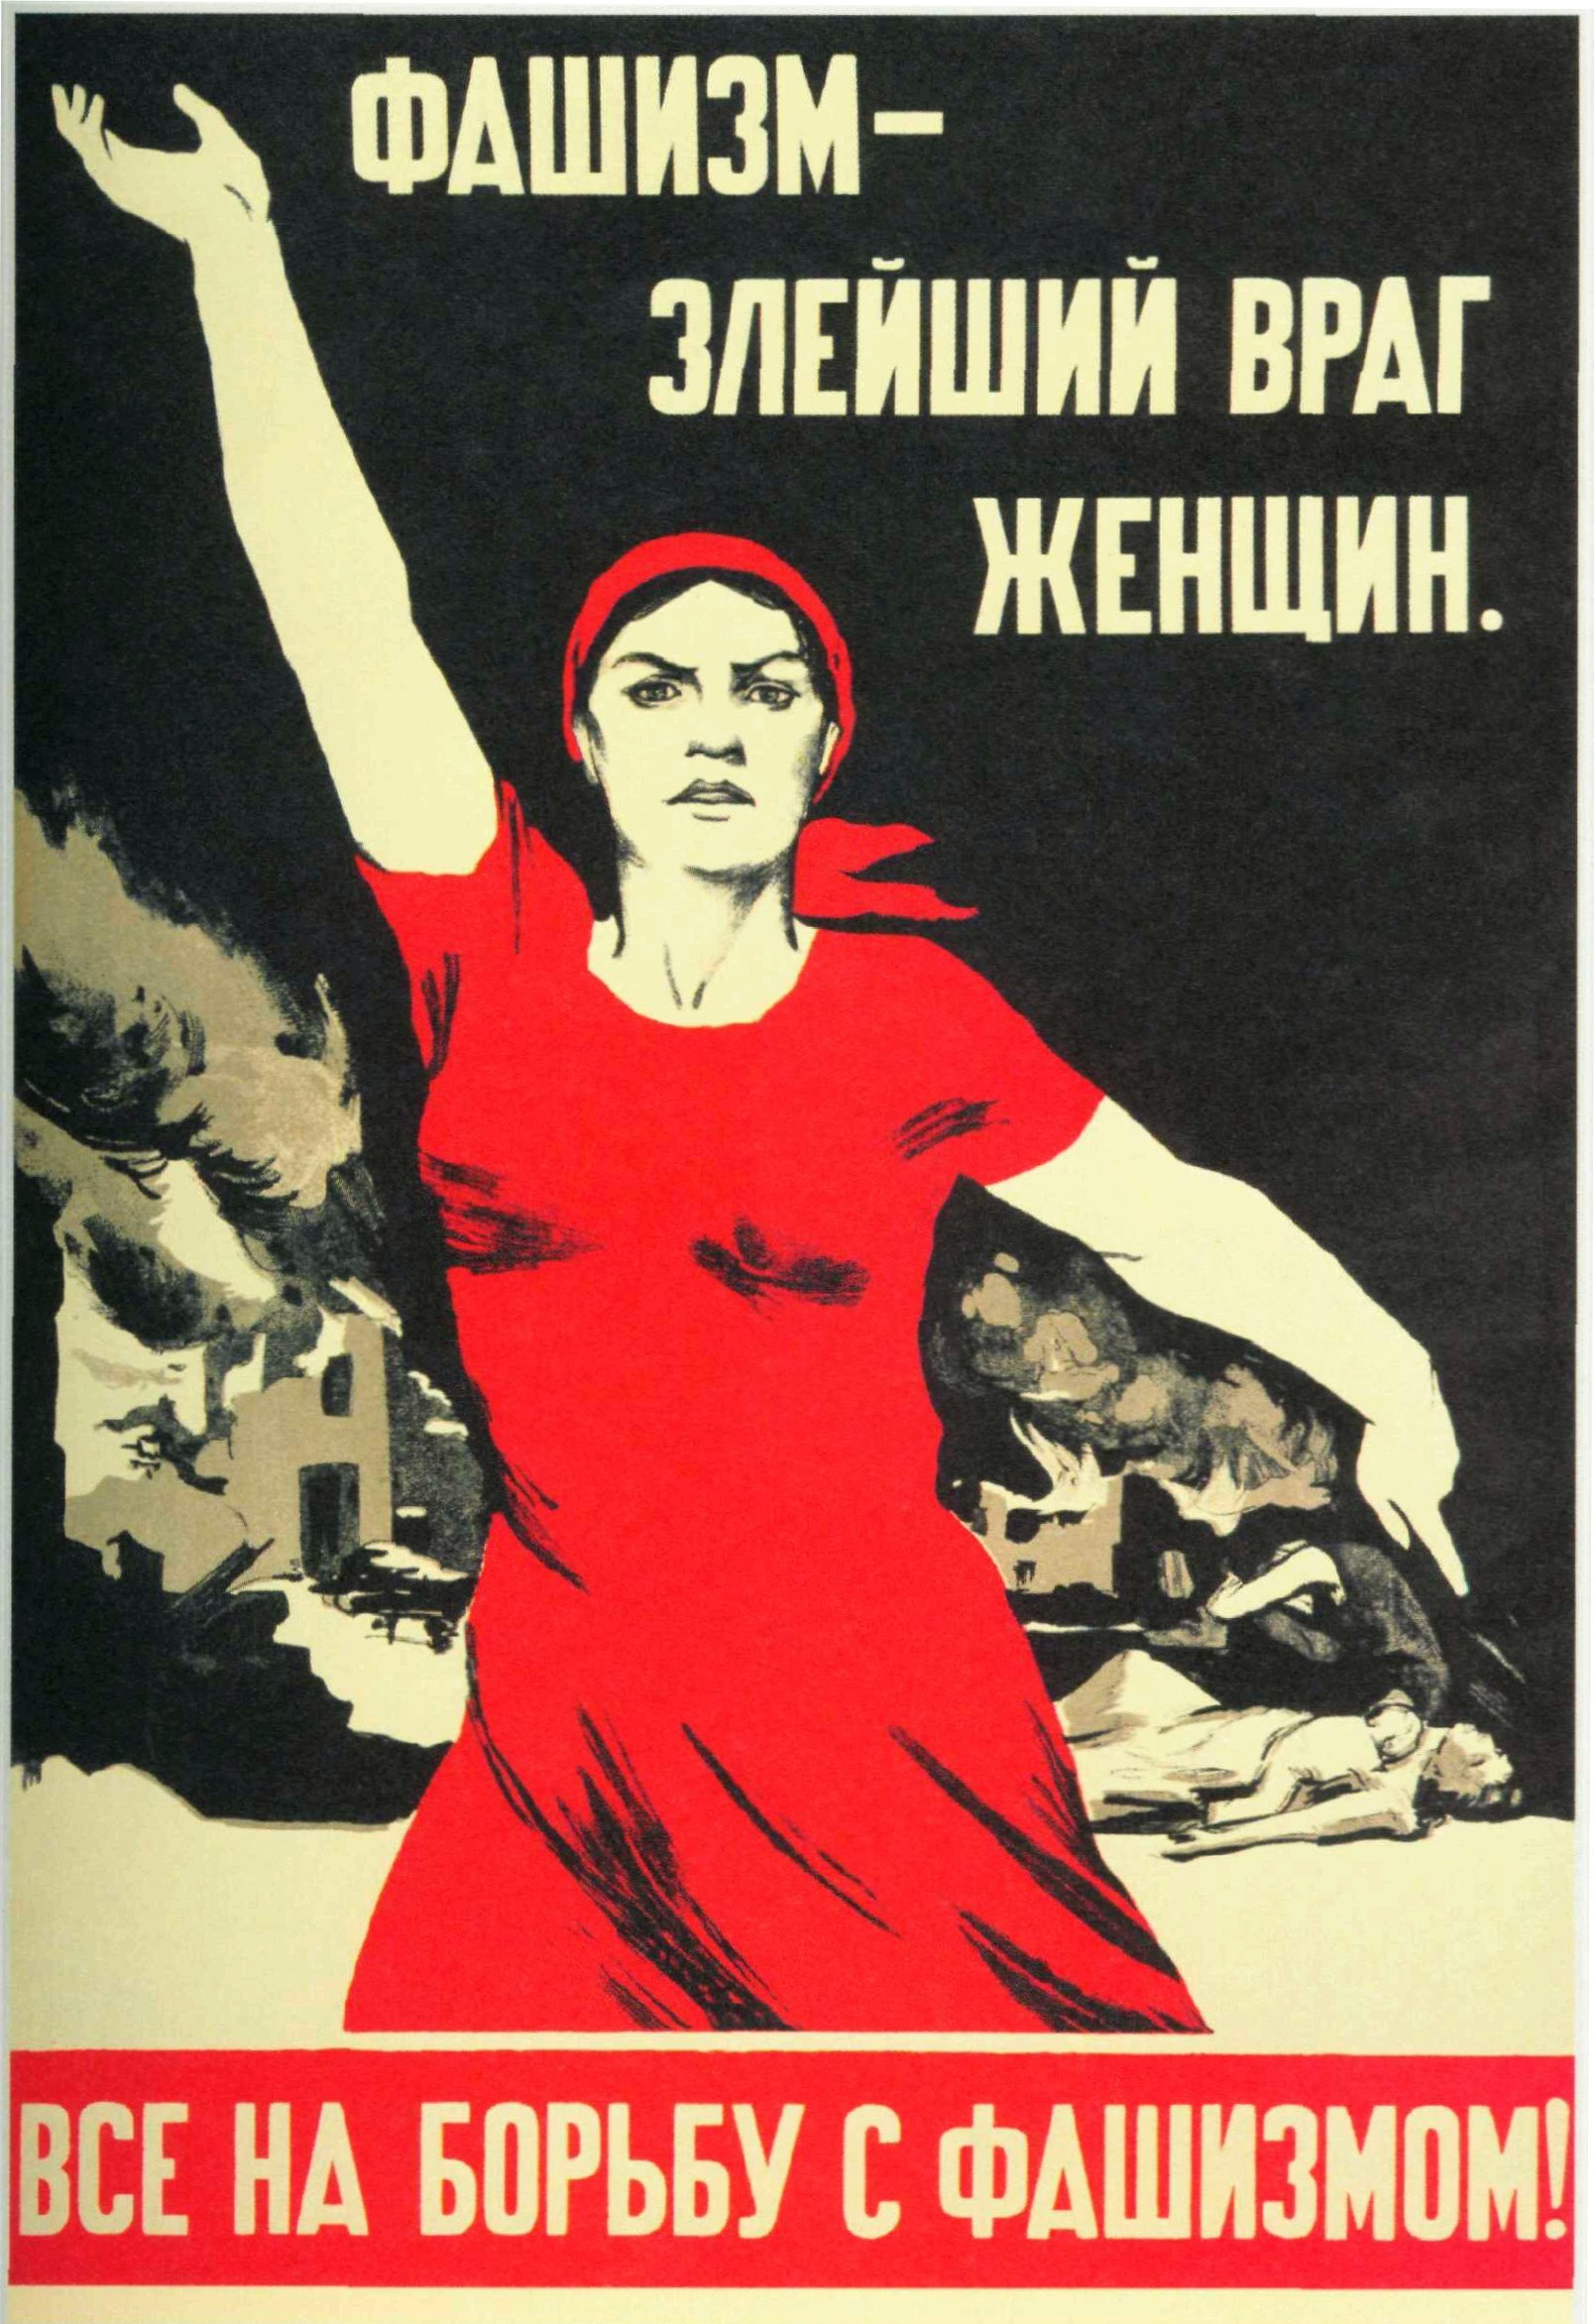 ленинград здоровый образ жизни